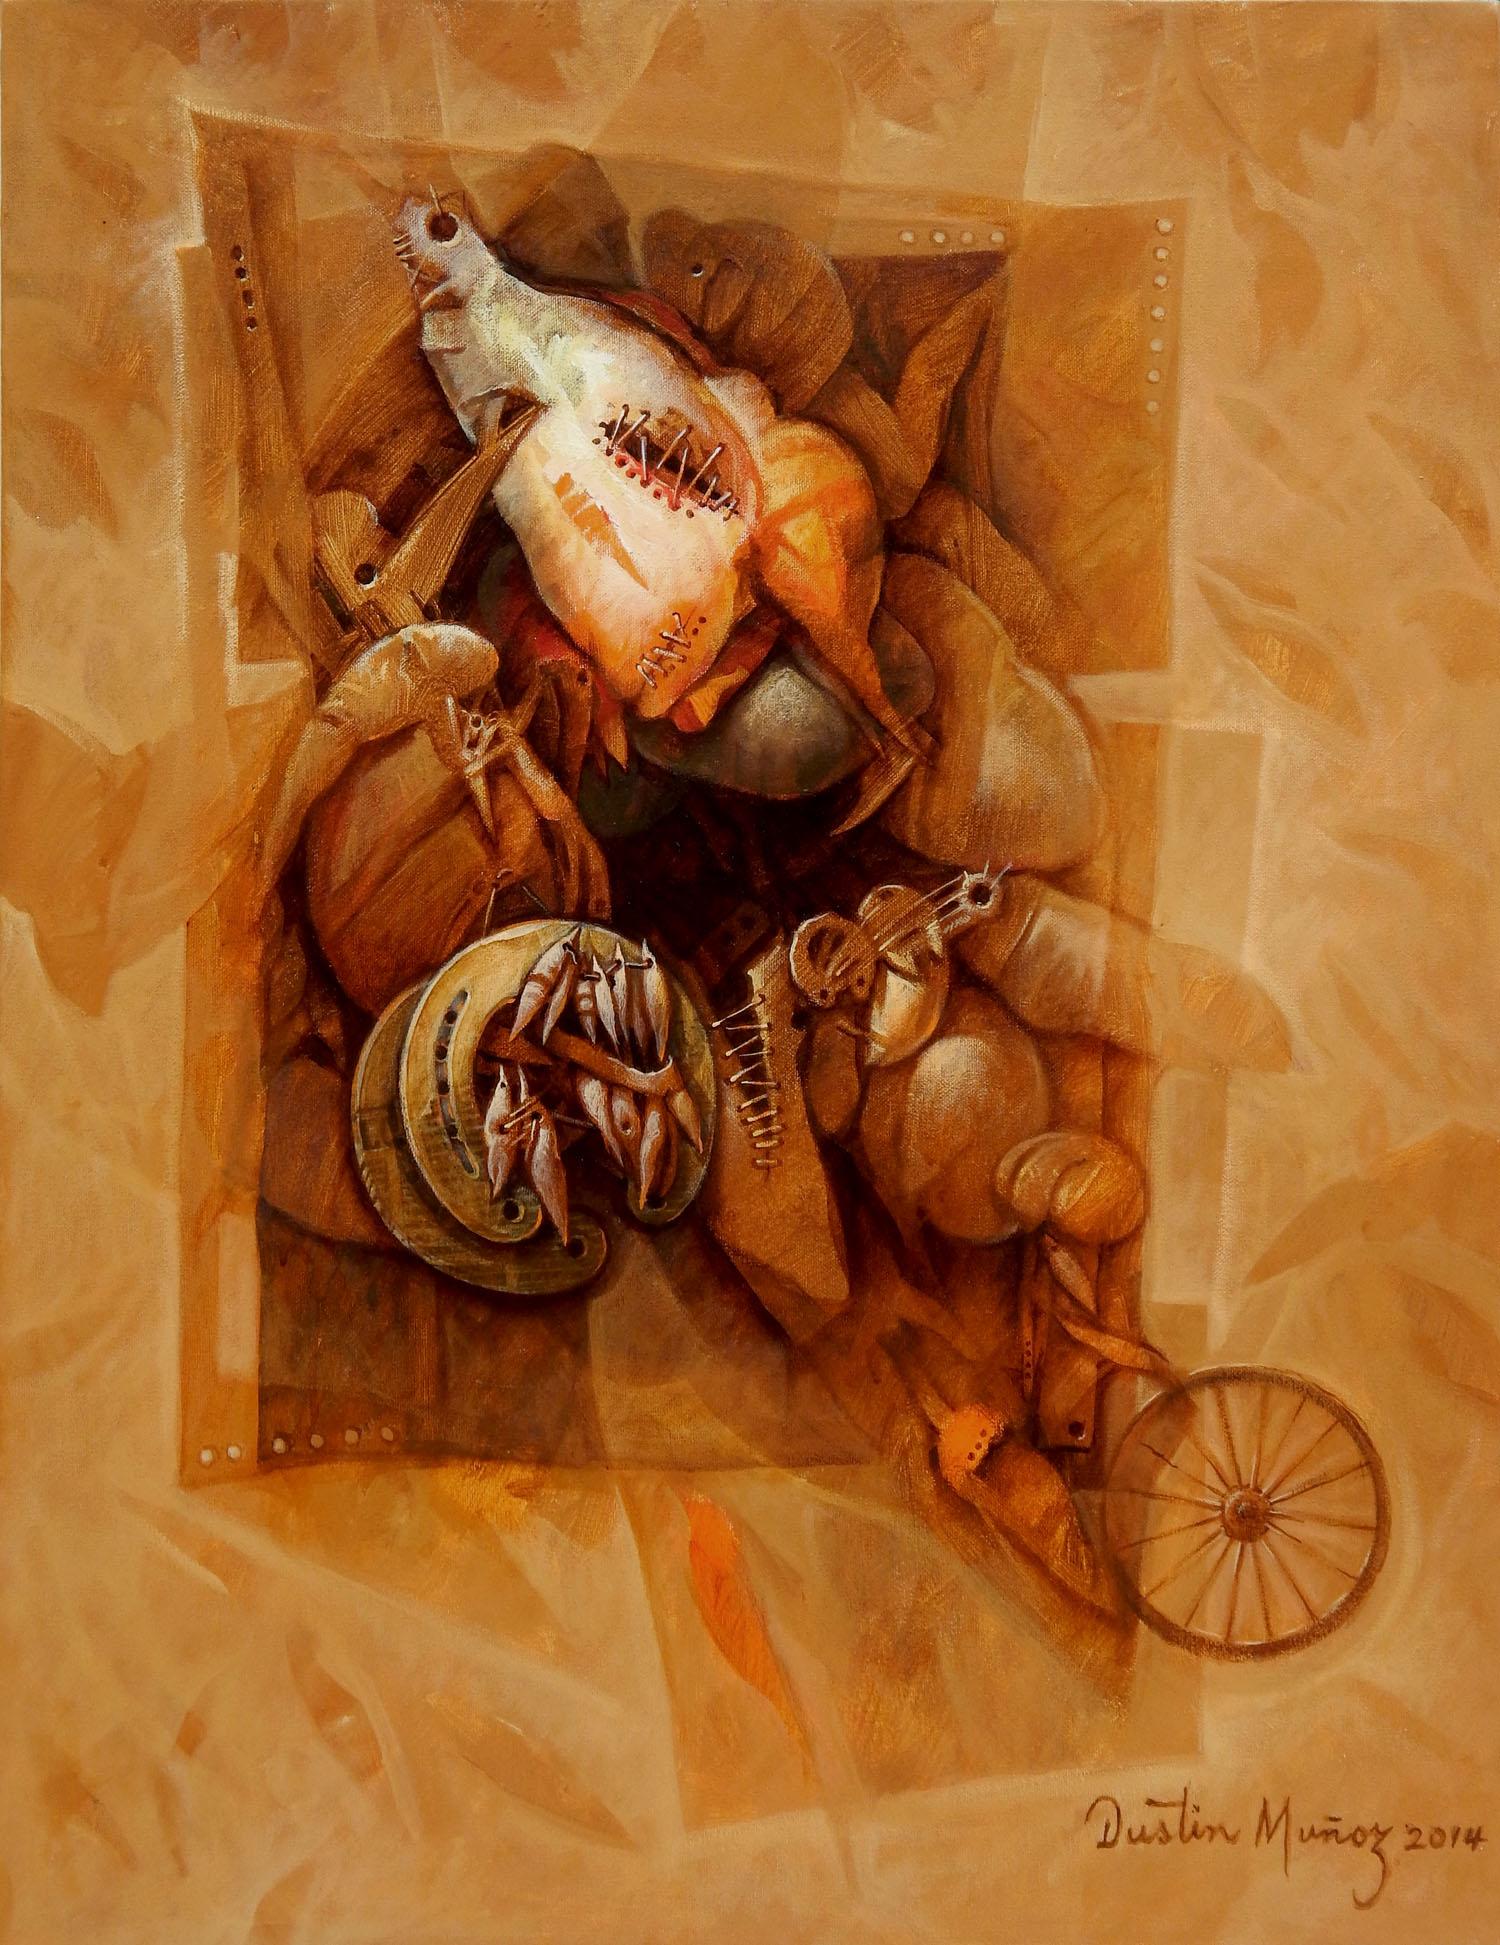 Huellas de un transporte superado, Acrílico sobre tela, 68x53 cms, Dustin Muñoz